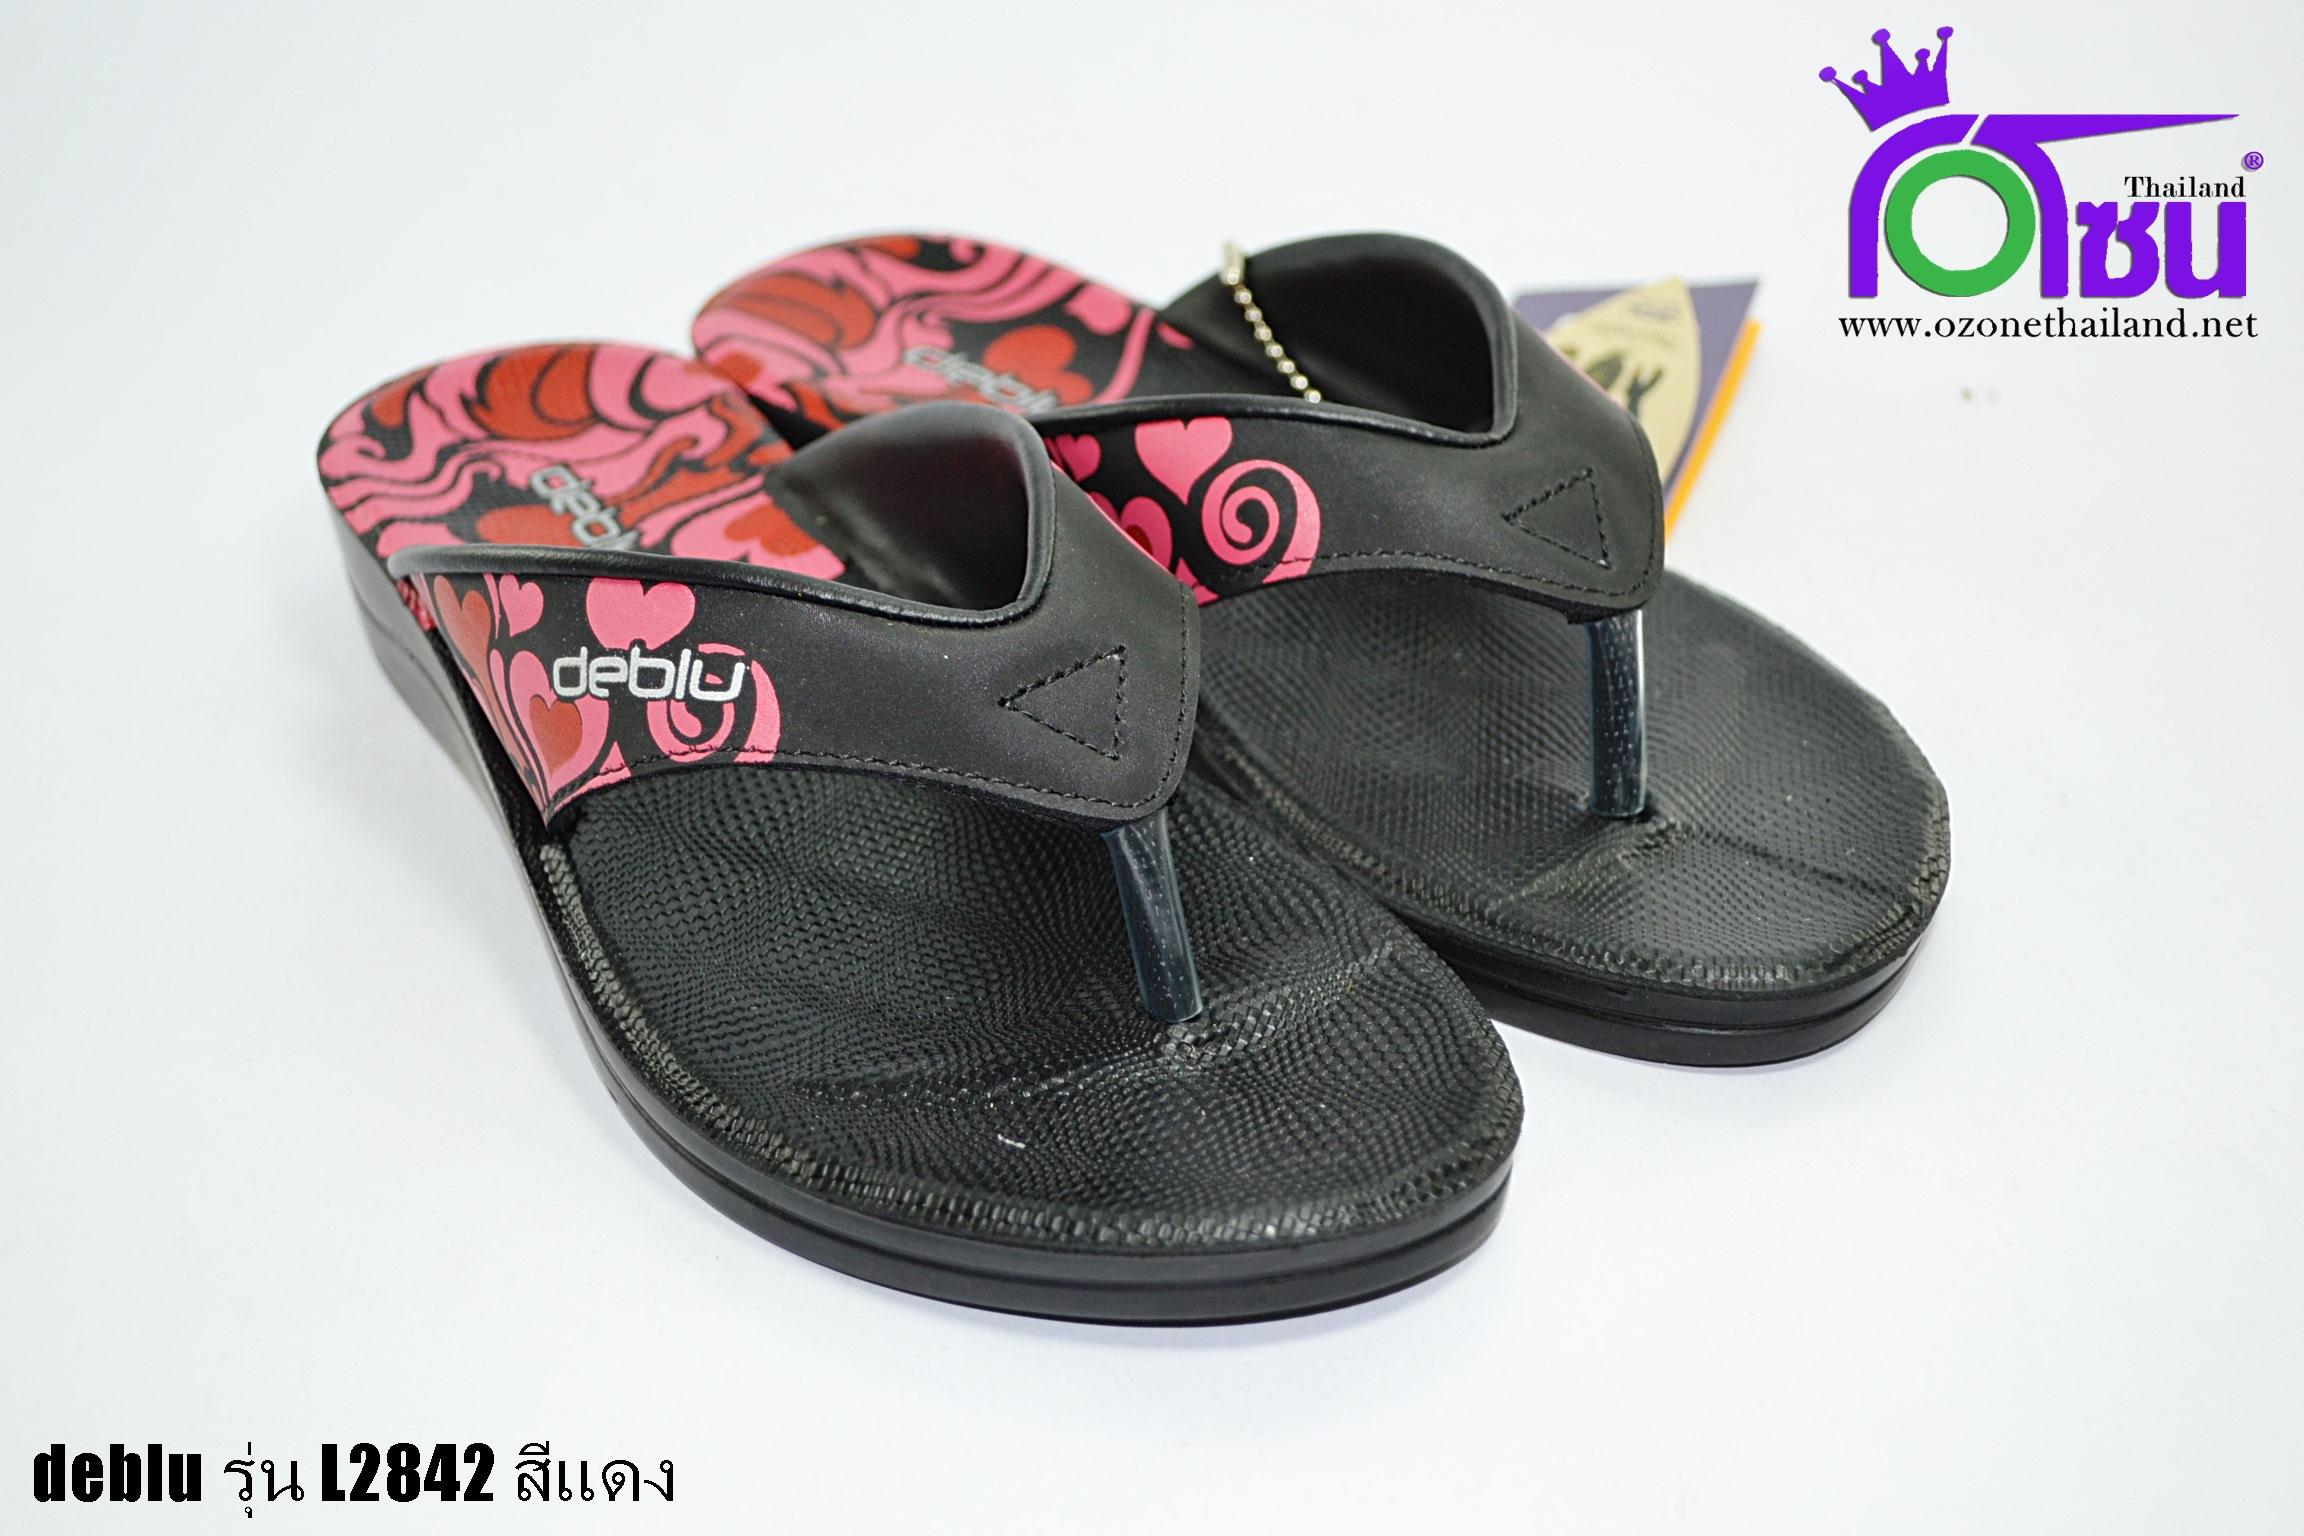 รองเท้าเดอบลู deblu รุ่นL2842 สีแดง เบอร์36-41